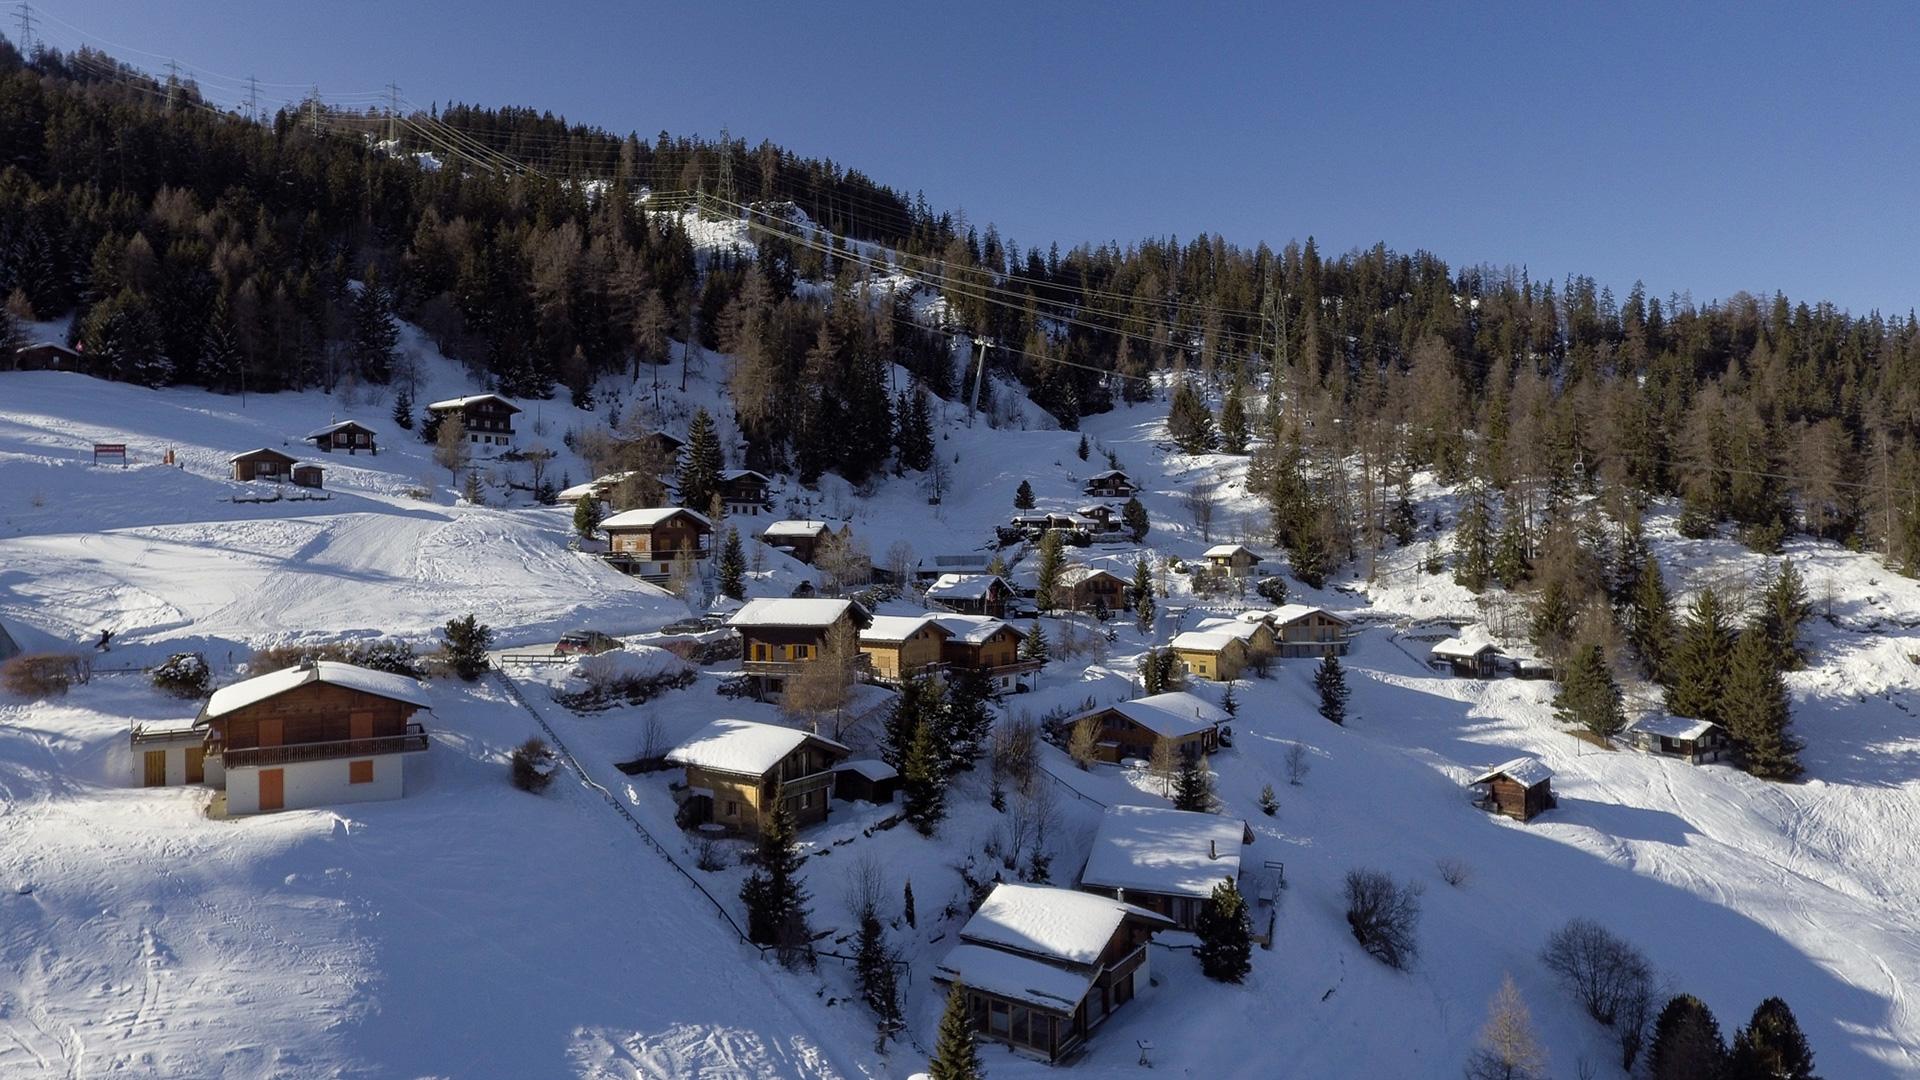 Chalet Luca Chalet, Switzerland